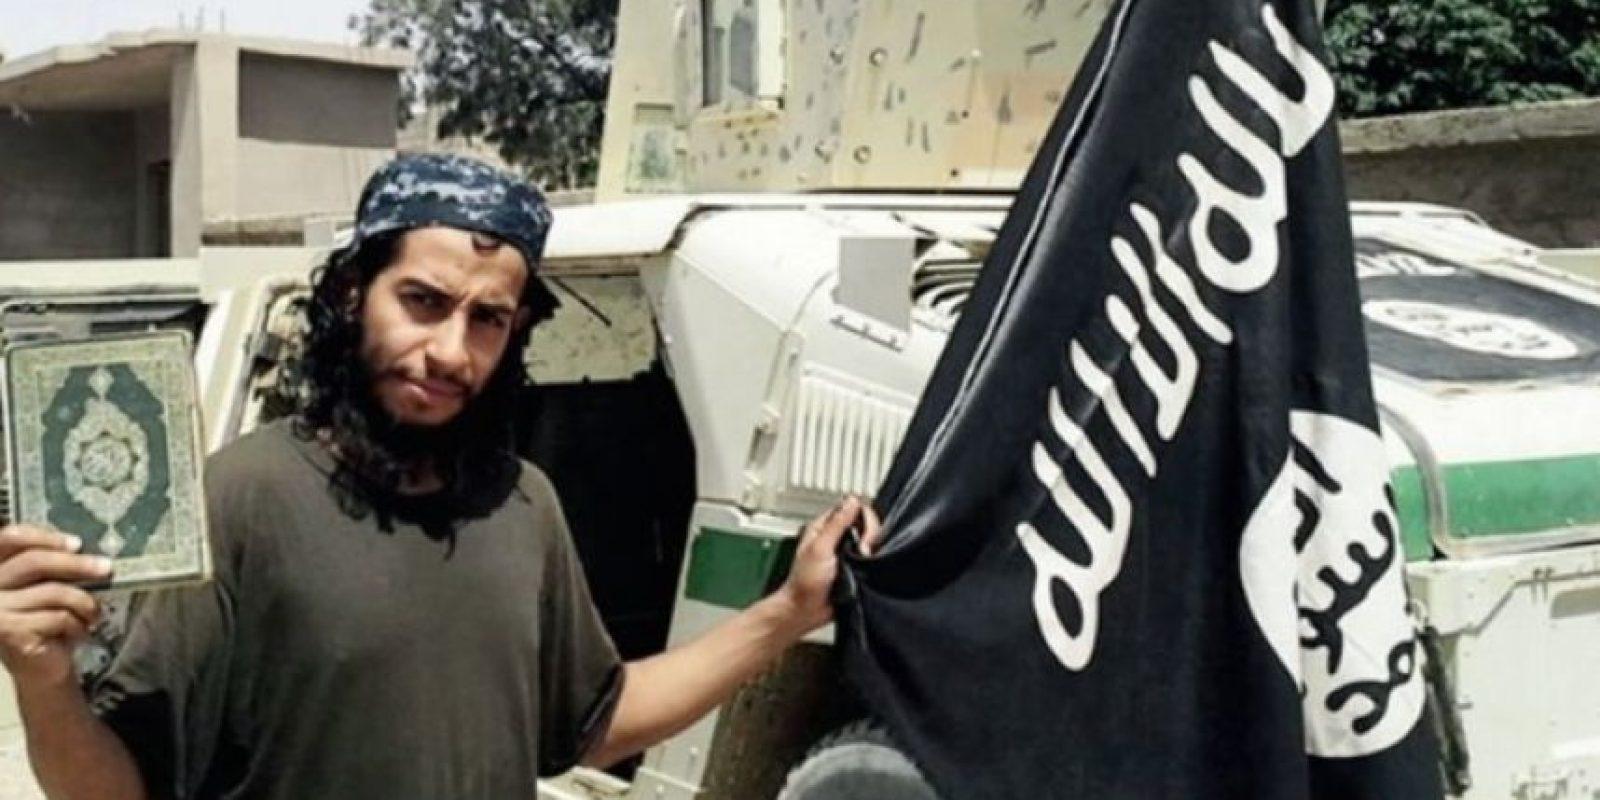 Precisamente el comportamiento de los yihadistas en línea ha permitido tener una idea del perfil de los jóvenes radicalizados. Foto:AFP